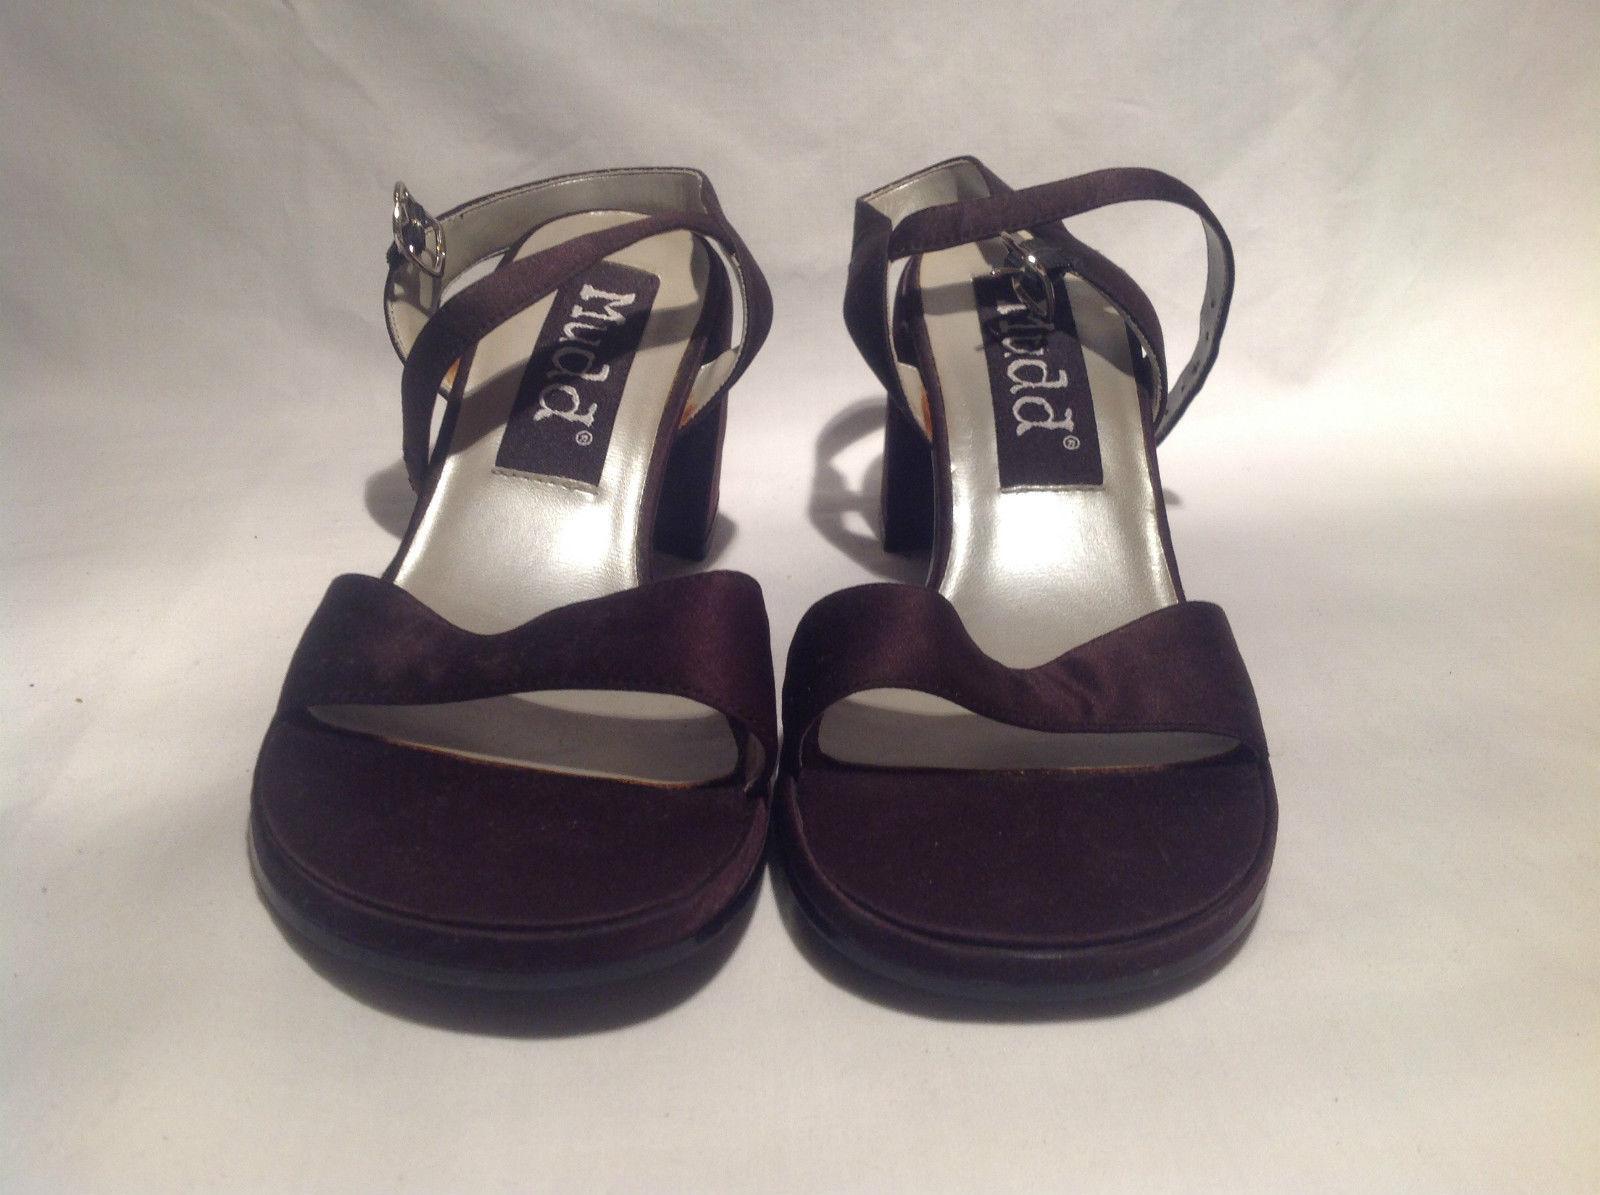 Mudd Heels Dark Purple Open Toe and Heel Size 6.5 M Wide Heel